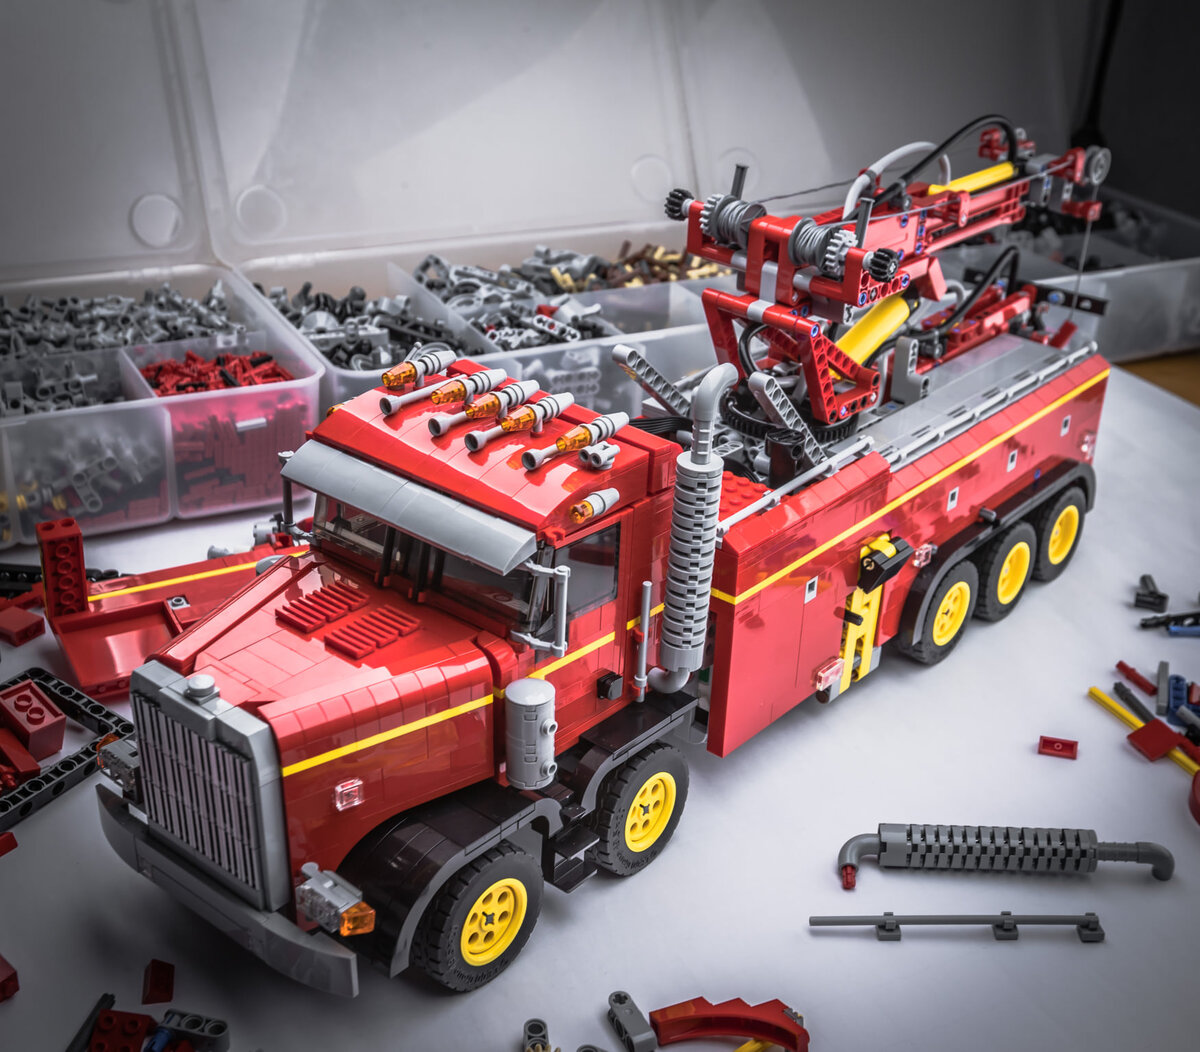 LEGO Heavy-duty Tow-Truck Alexandre Rossier